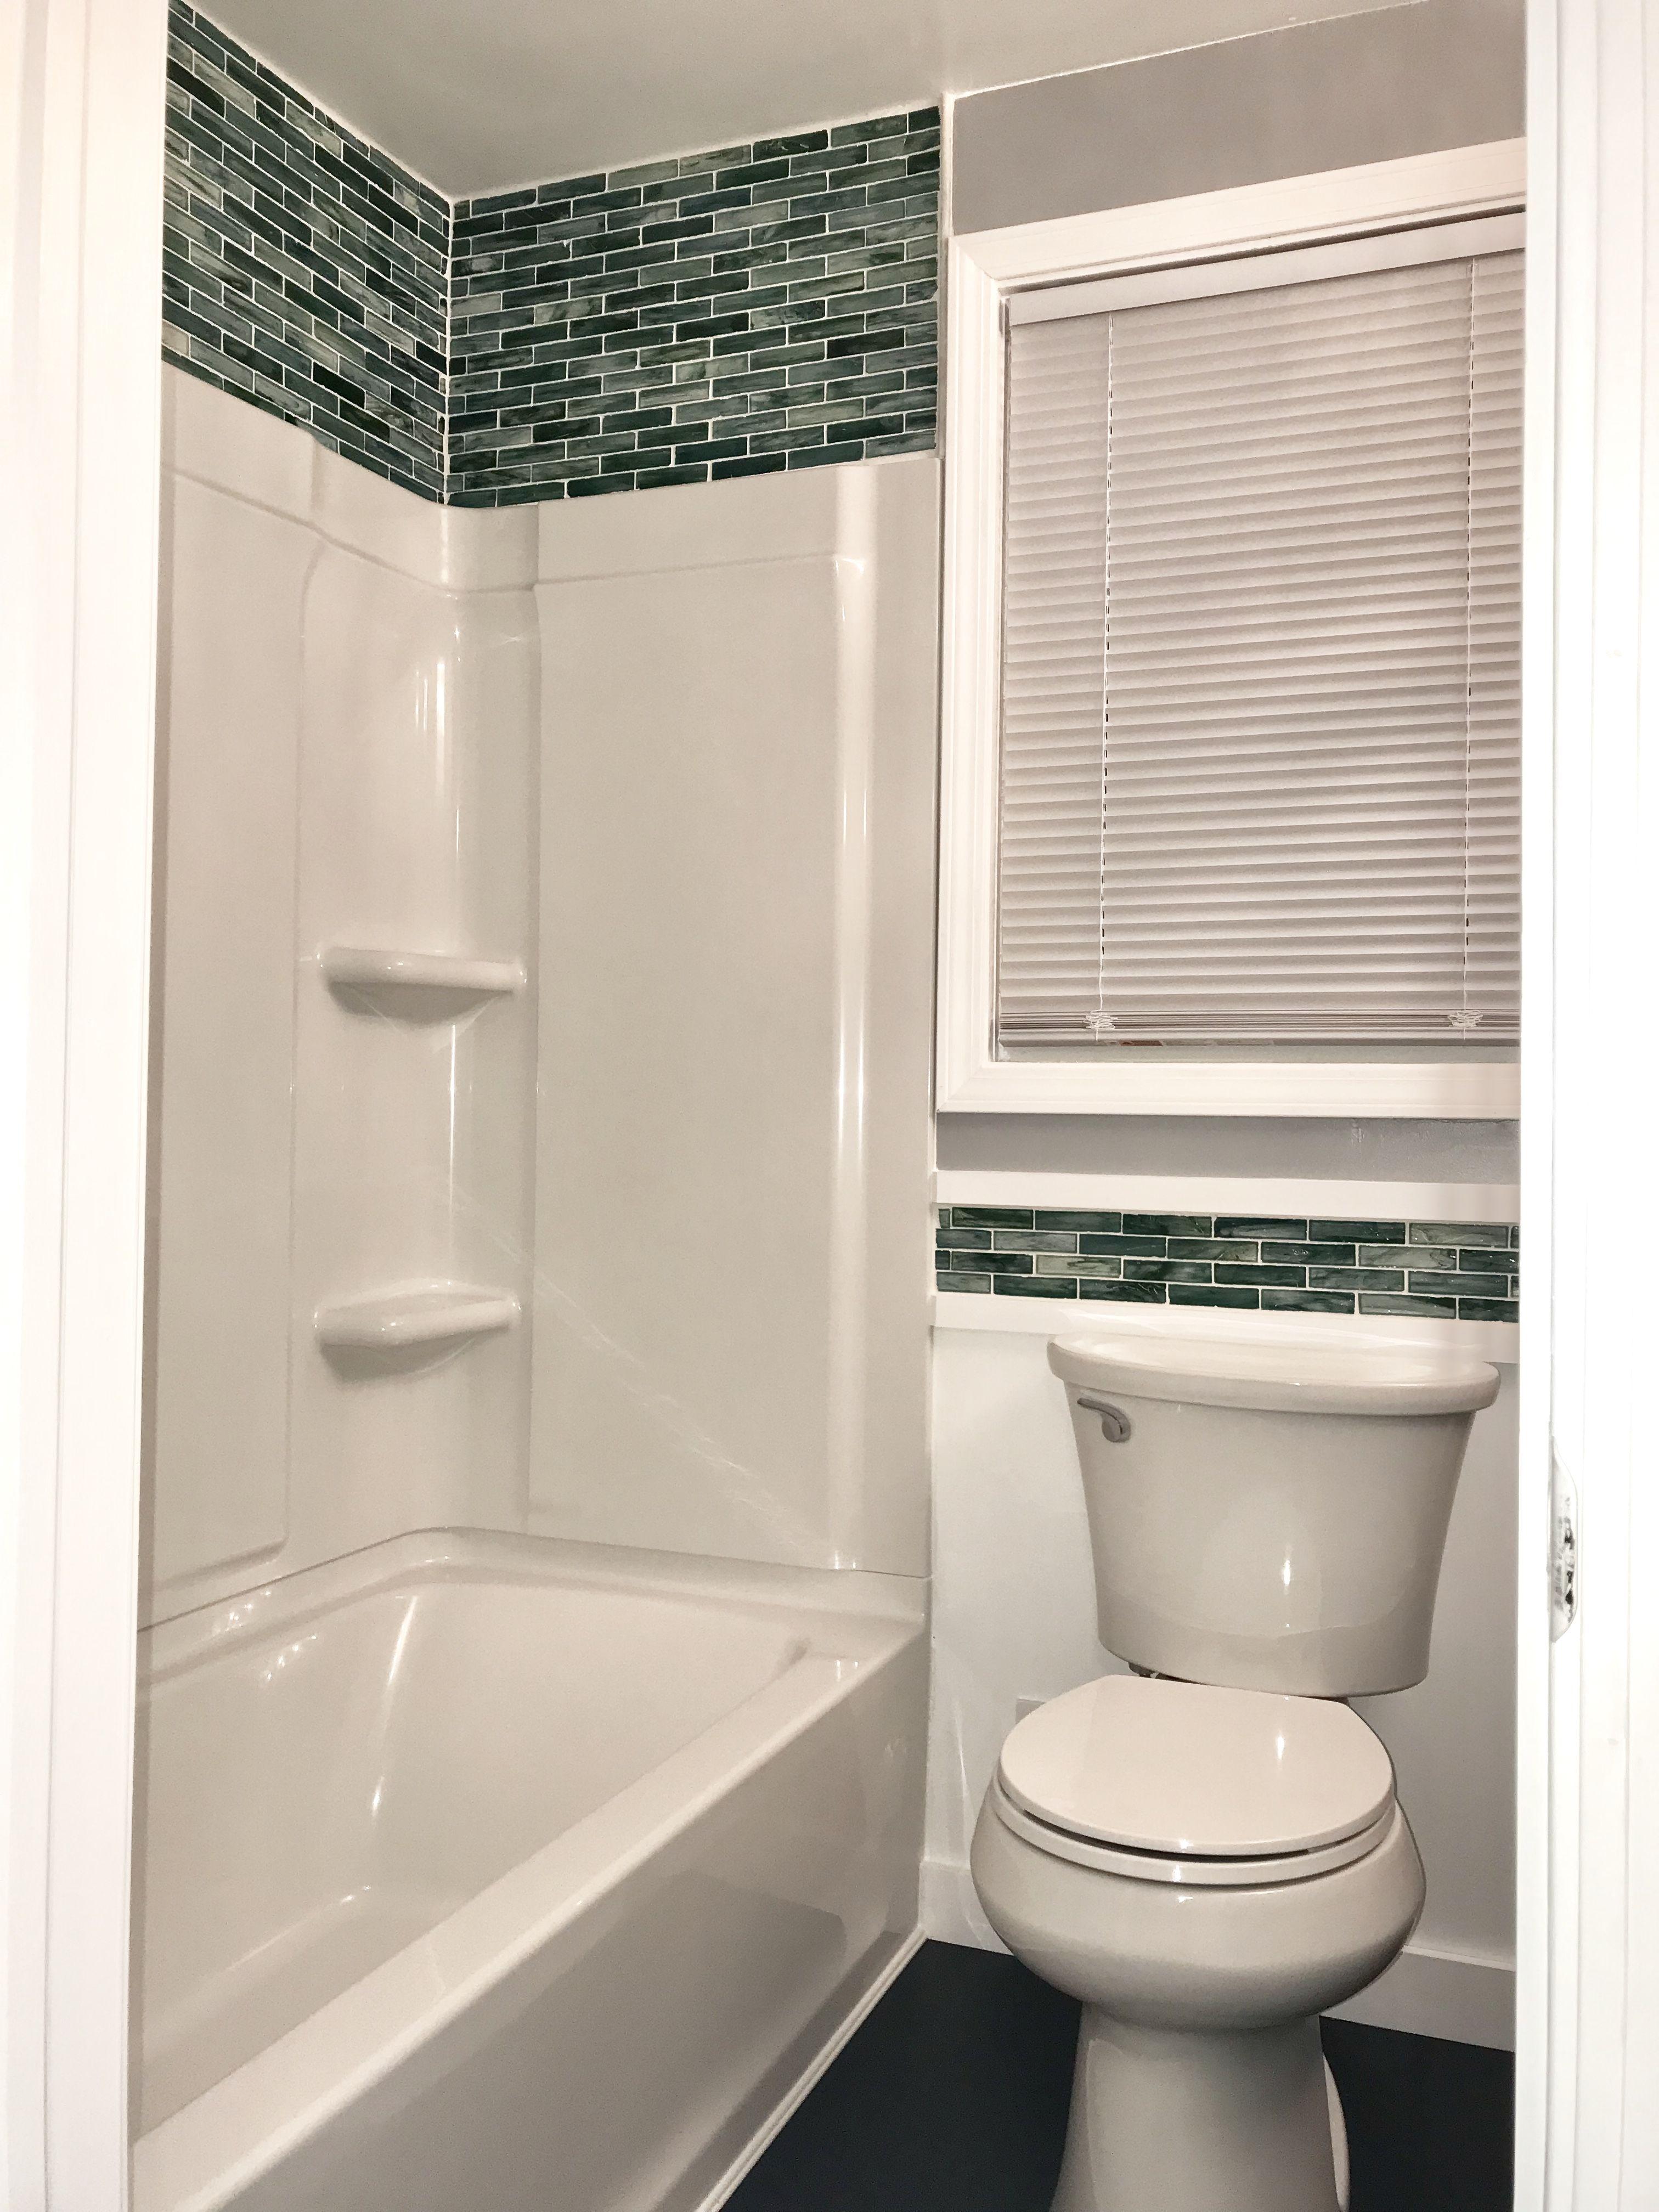 Green glass tile, Sterling Ensemble surround and Kohler Toilet ...